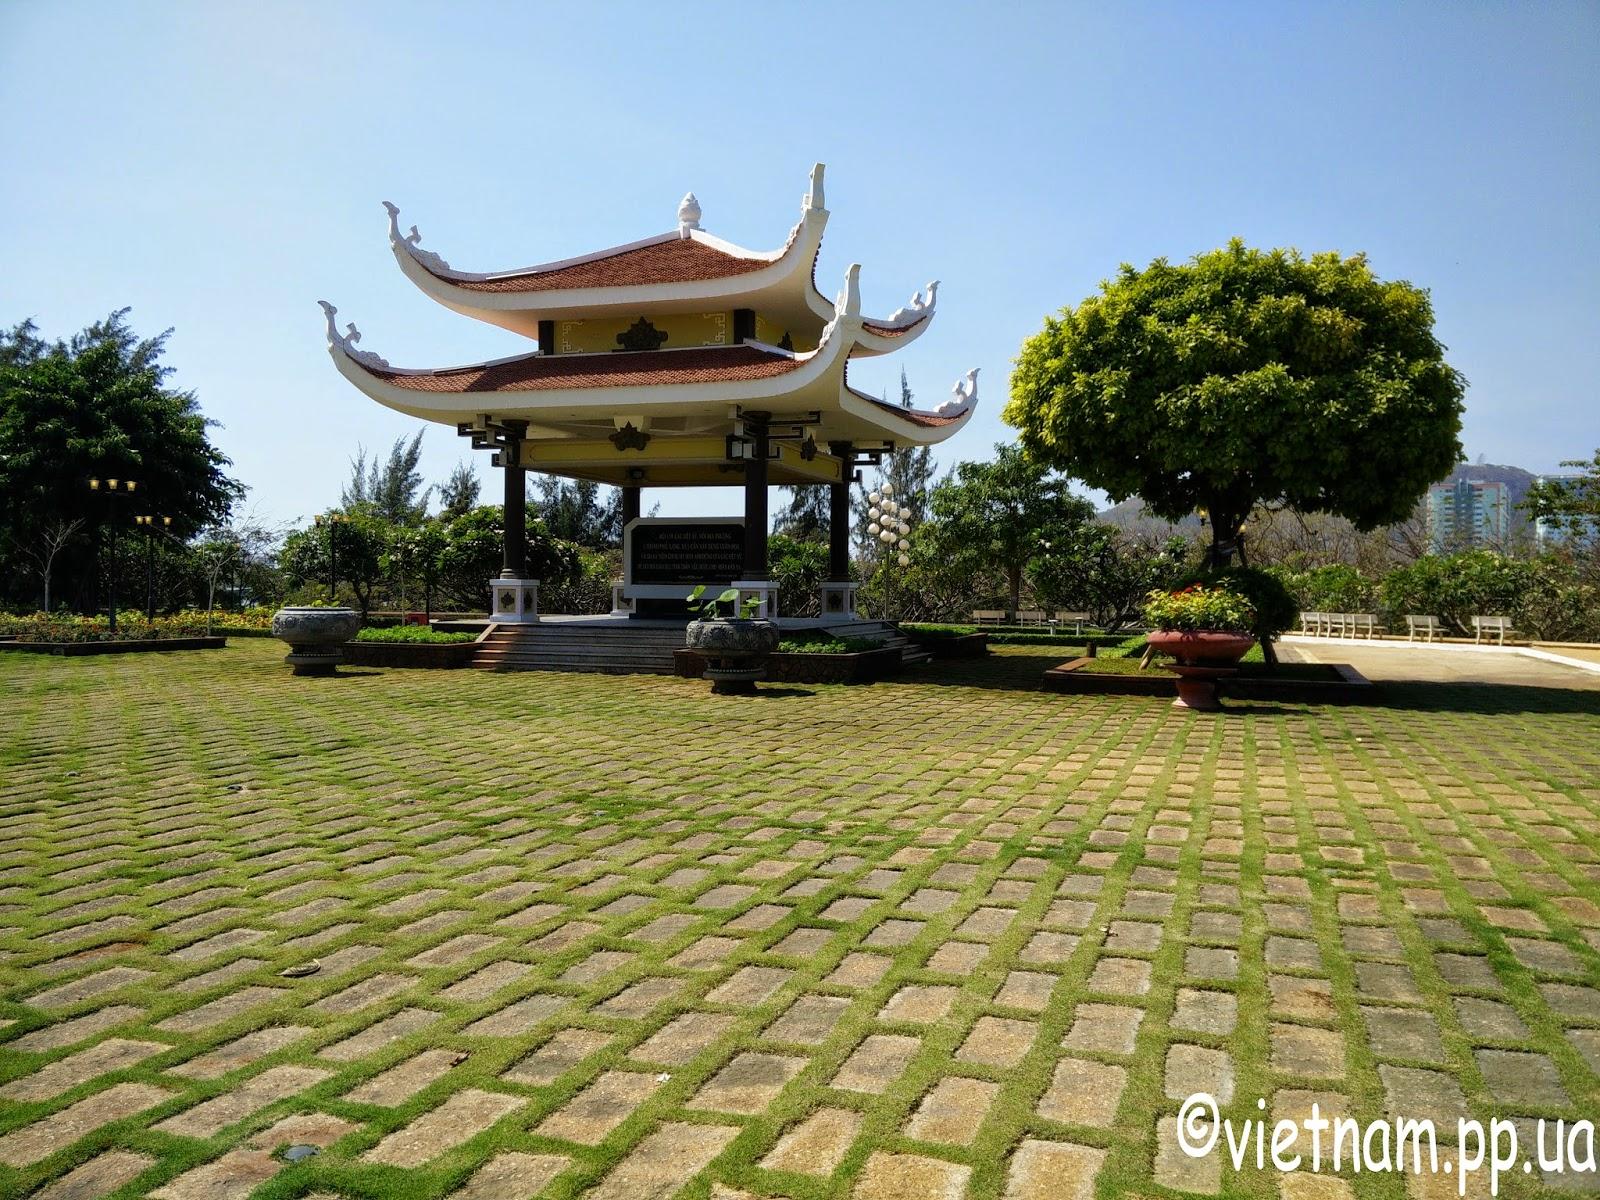 Вьетнам город Вунгтау